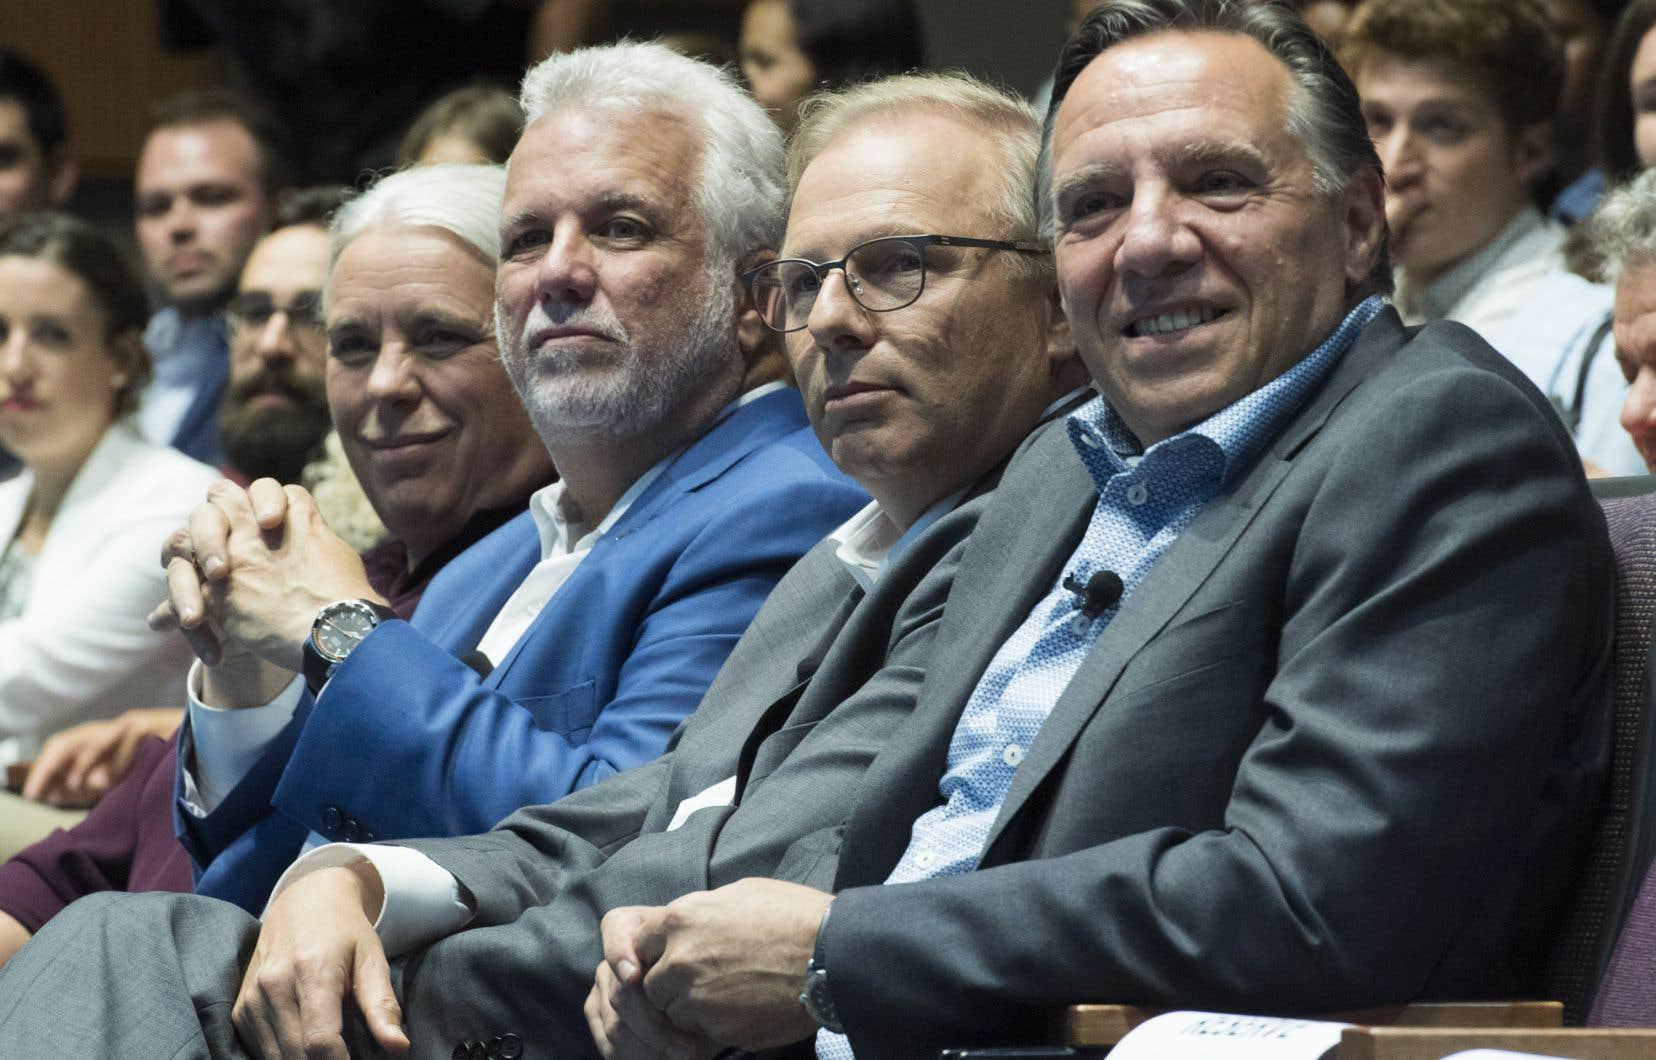 De gauche à droite, Manon Massé, co-porte-parole de Québec solidaire, Philippe Couillard, chef du parti libéral du Québec, Jean-François Lisée, chef du parti québécois et François Legault, chef de la Coalition Avenir Québec.